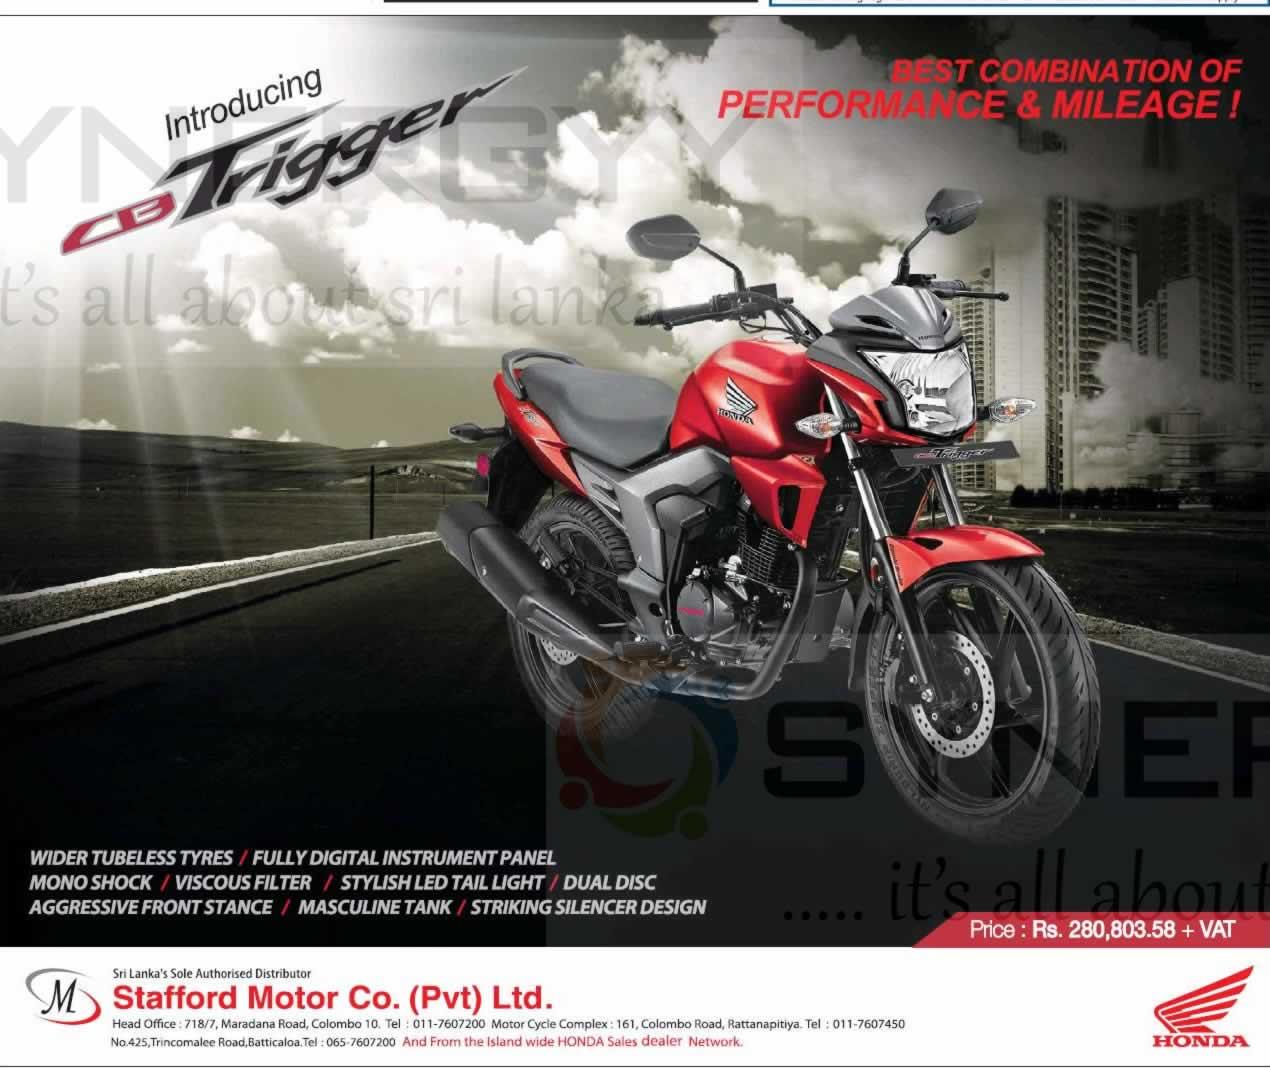 Honda CB Trigger Prices In Srilanka U2013 Rs. 314,500.00 ( All Inclusive)